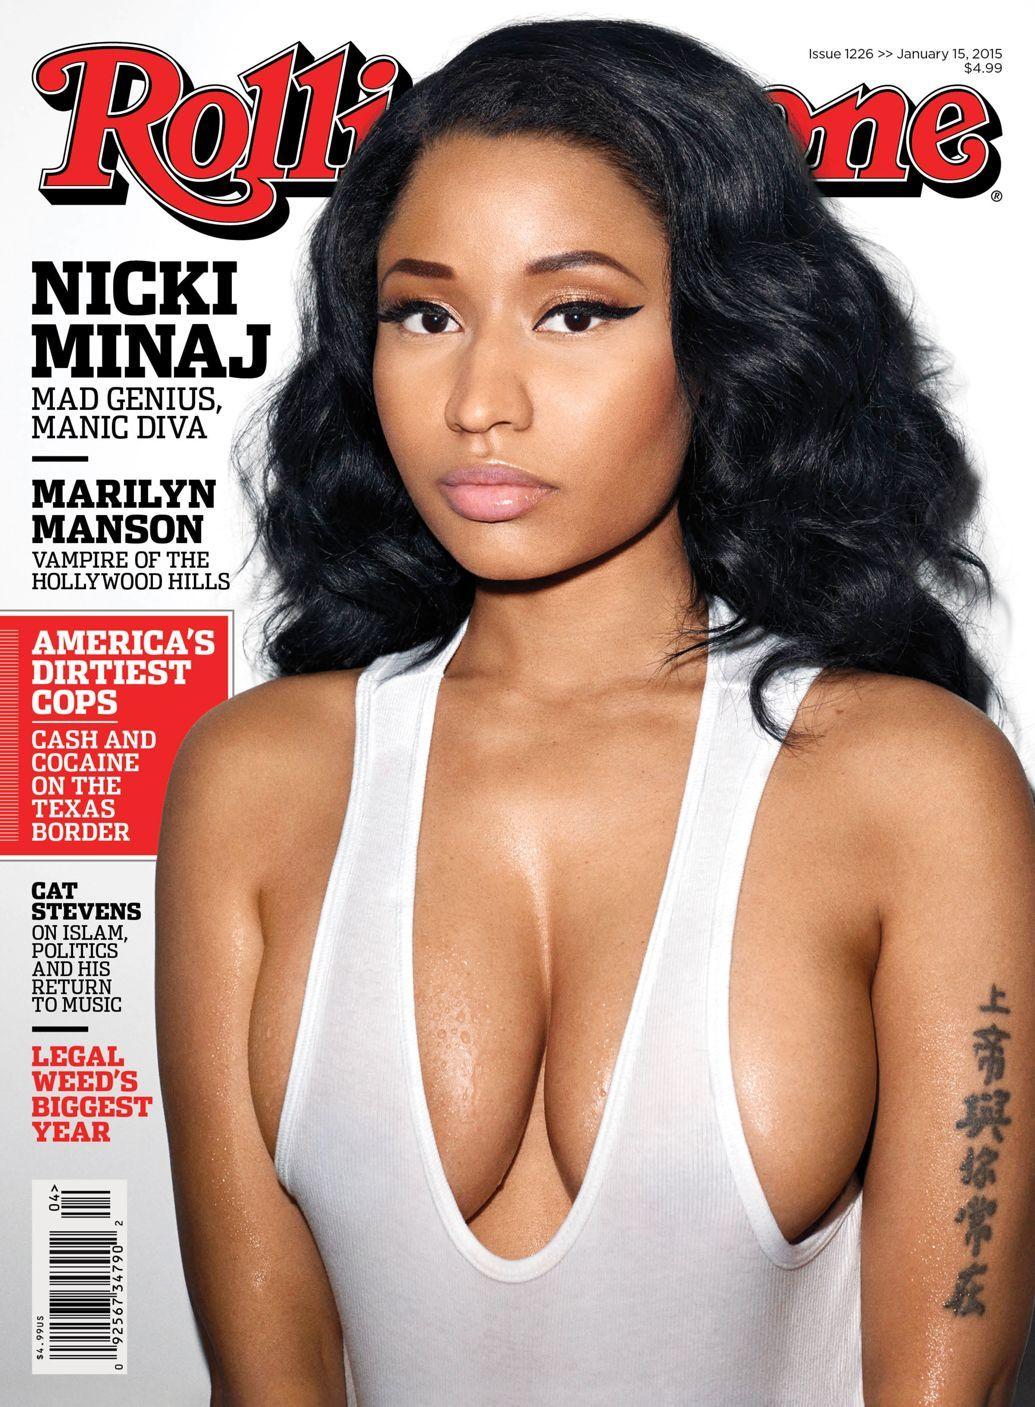 55b3ce4c10 Nicki Minaj Is Hip-Hop s Killer Diva  Inside the New Issue